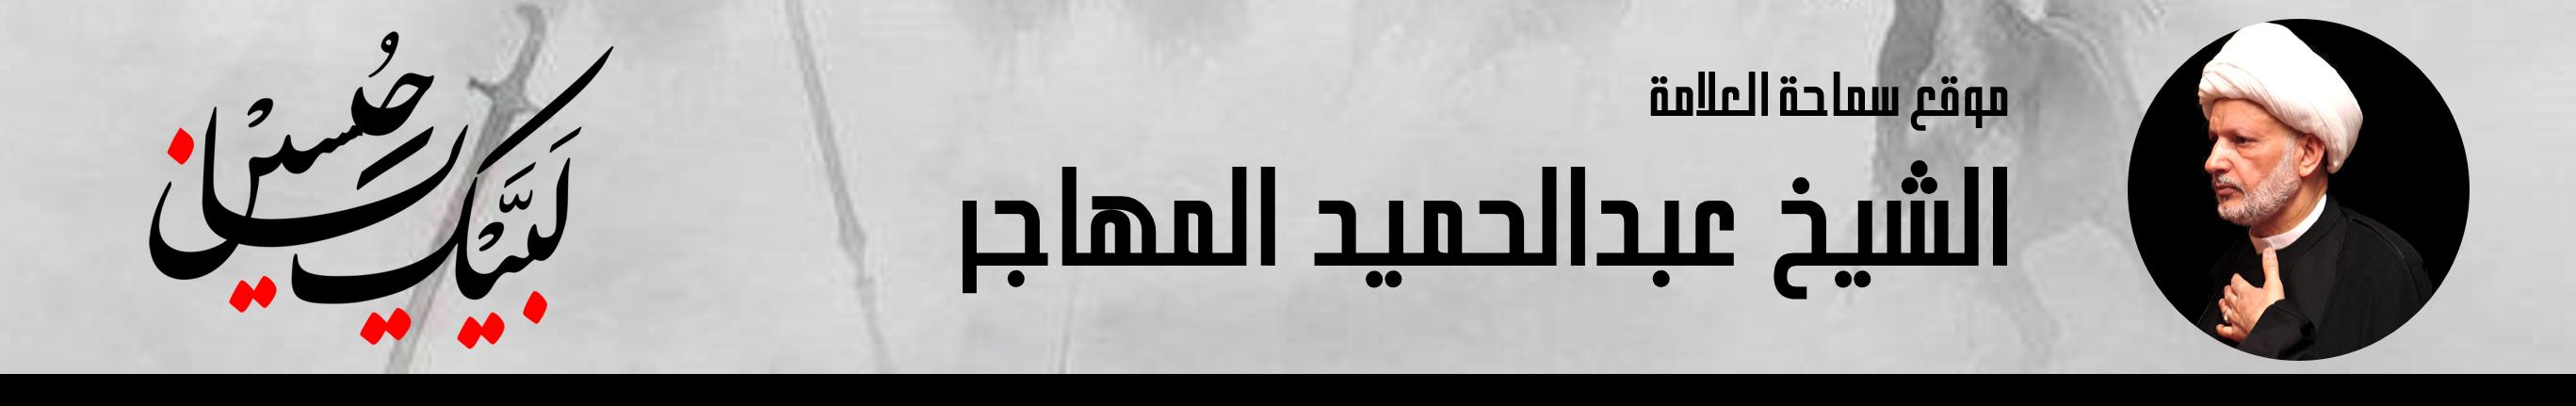 الموقع الرسمي للعلامة الشيخ عبدالحميد المهاجر